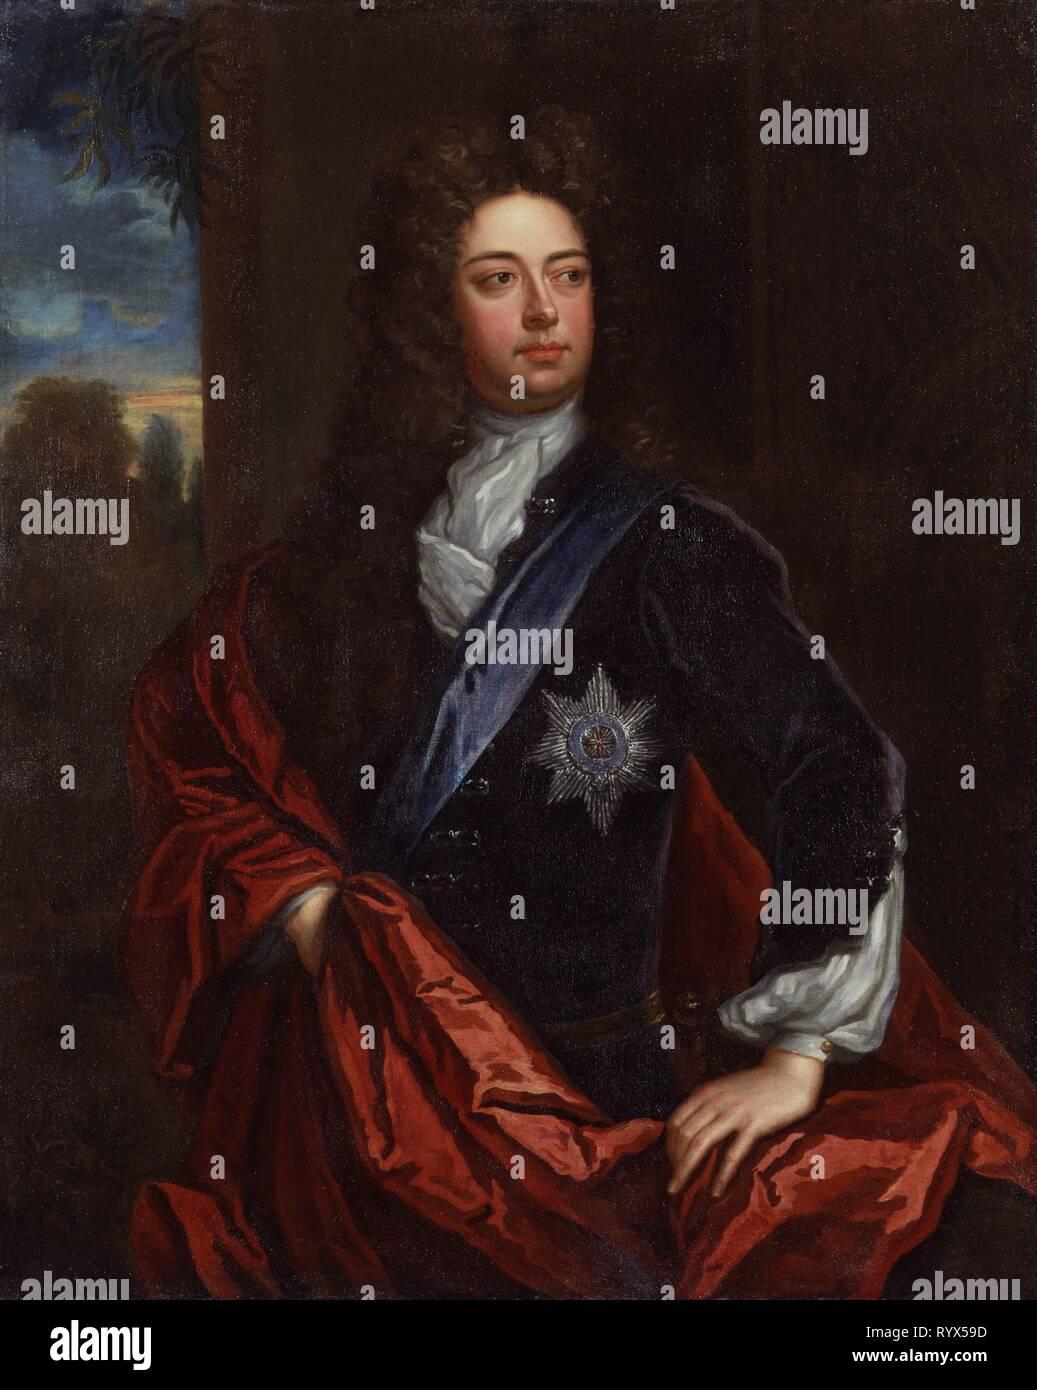 John-Churchill-1st-Duke-of-Marlborough-Sir-Godfrey-Kneller-oil-painting - Stock Image